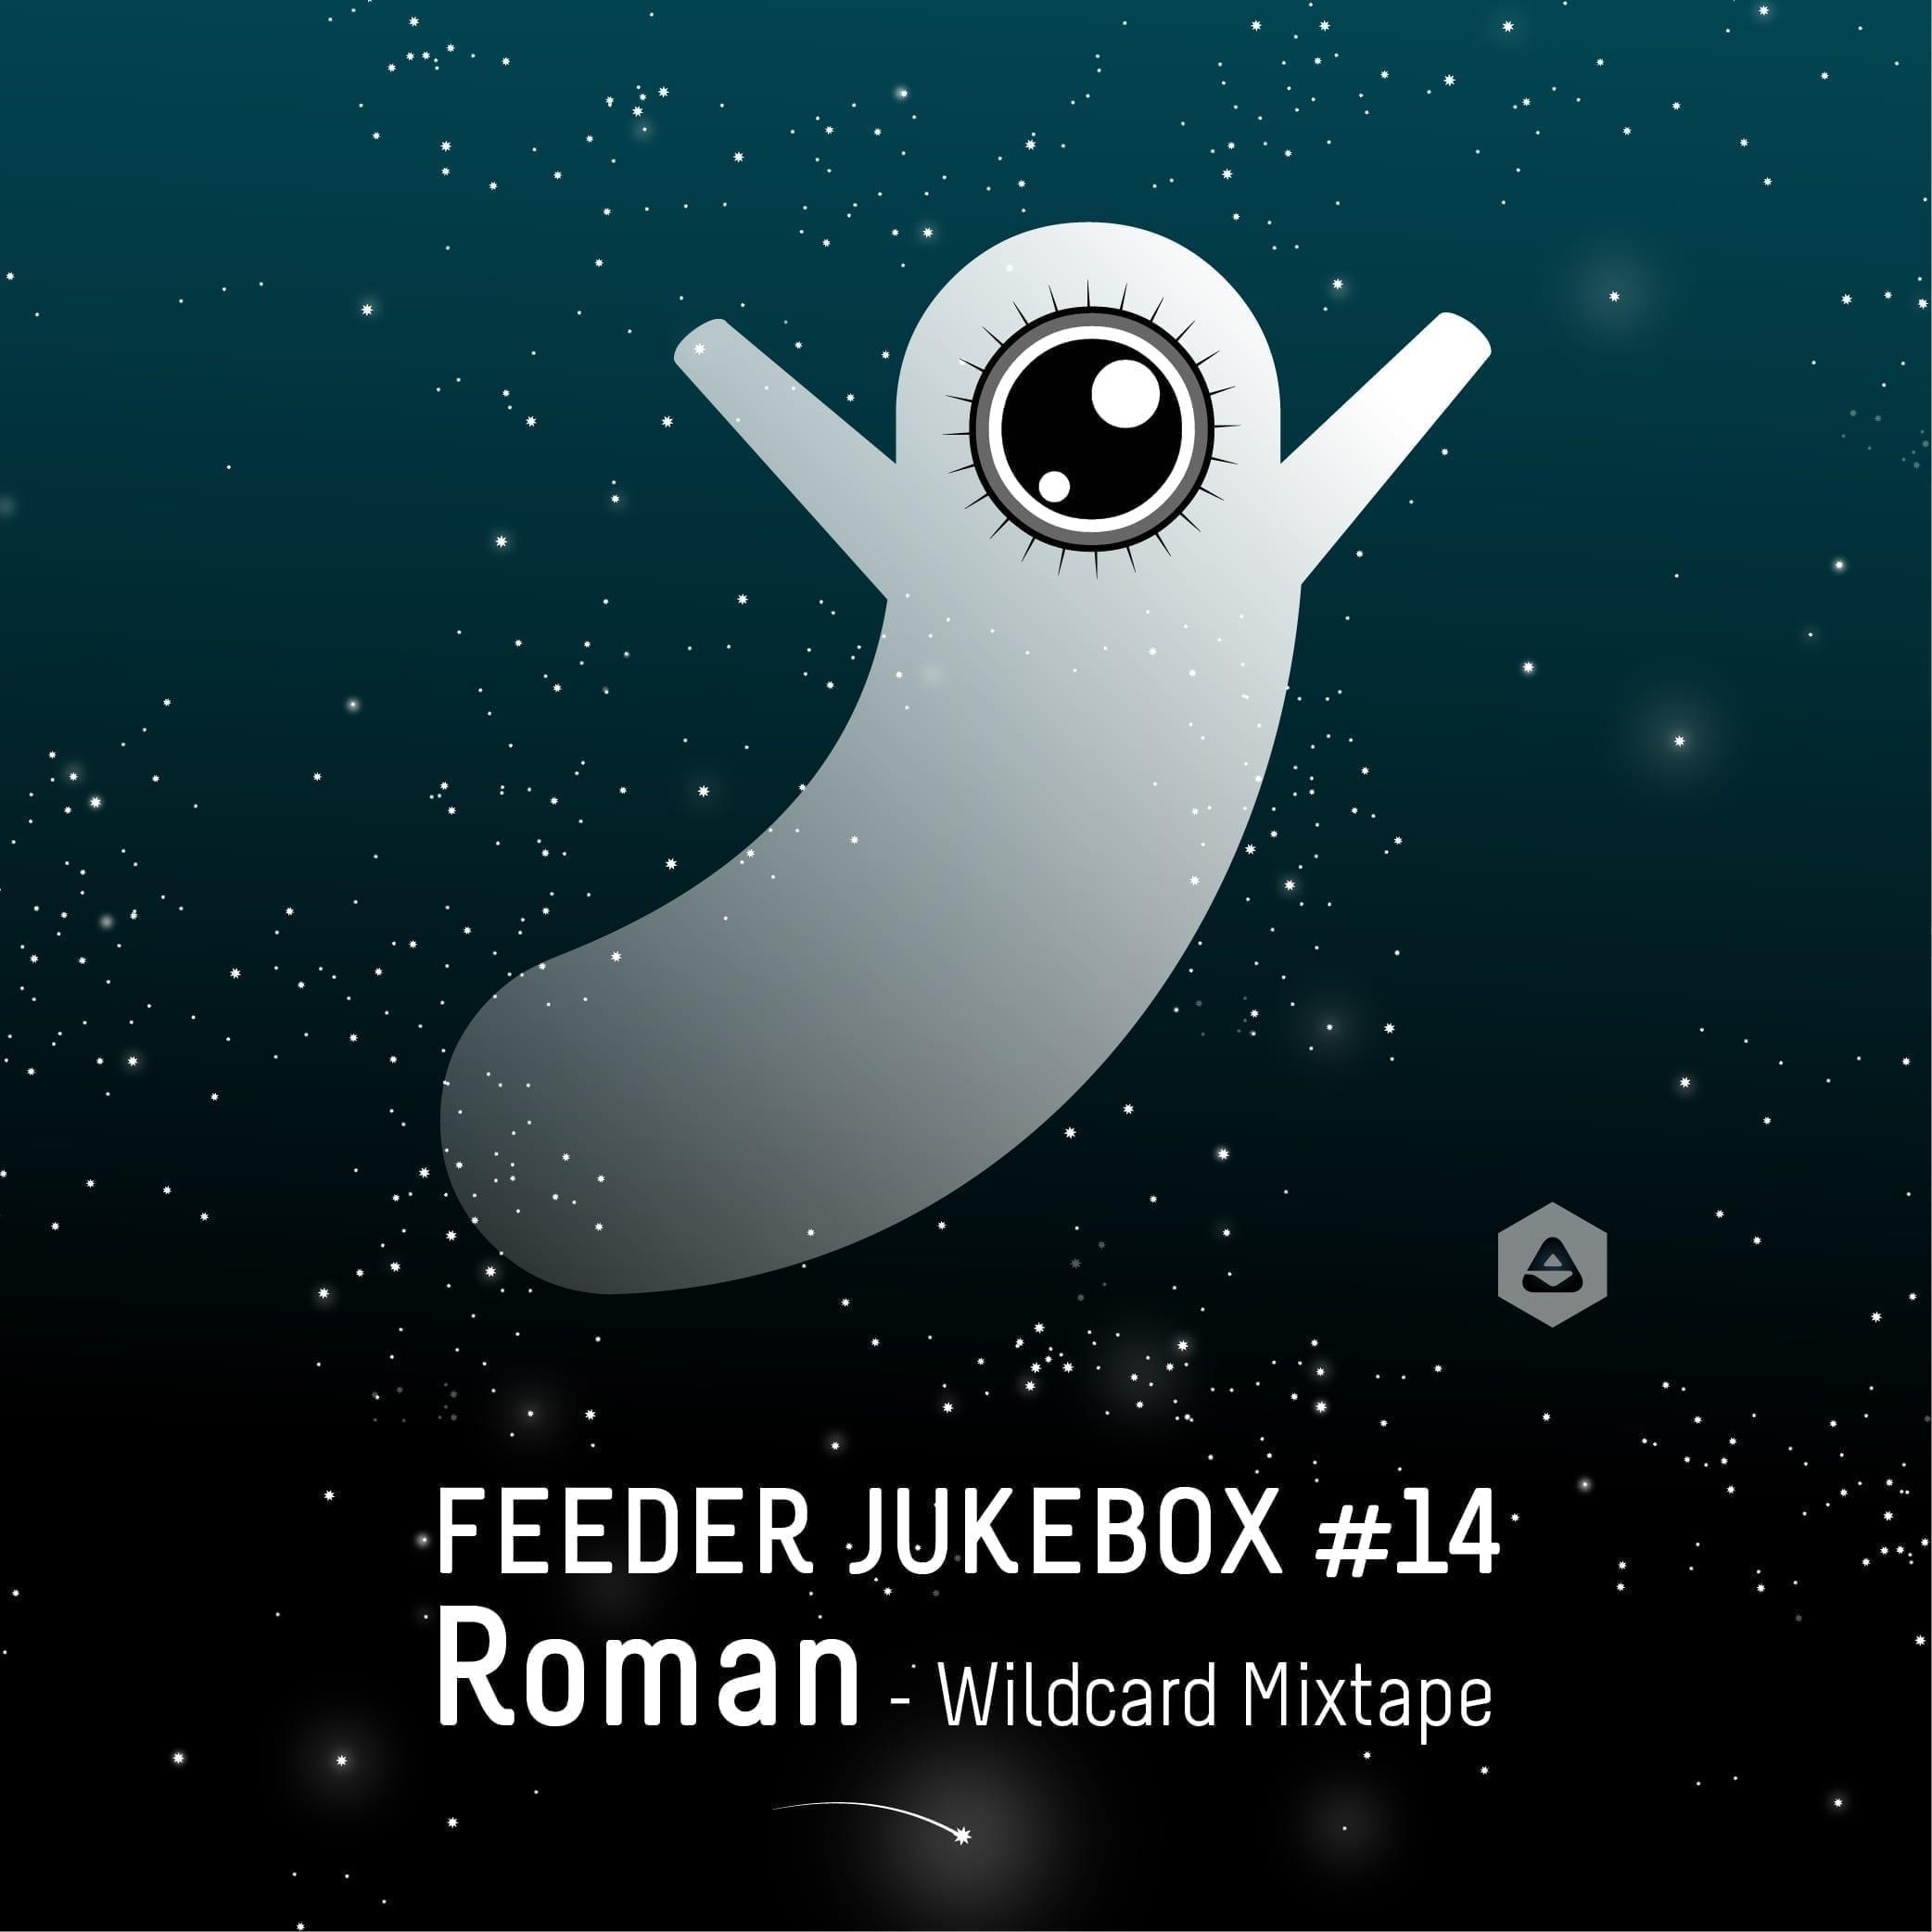 feeder jukebox #14 by Roman - Wildcard Mixtape